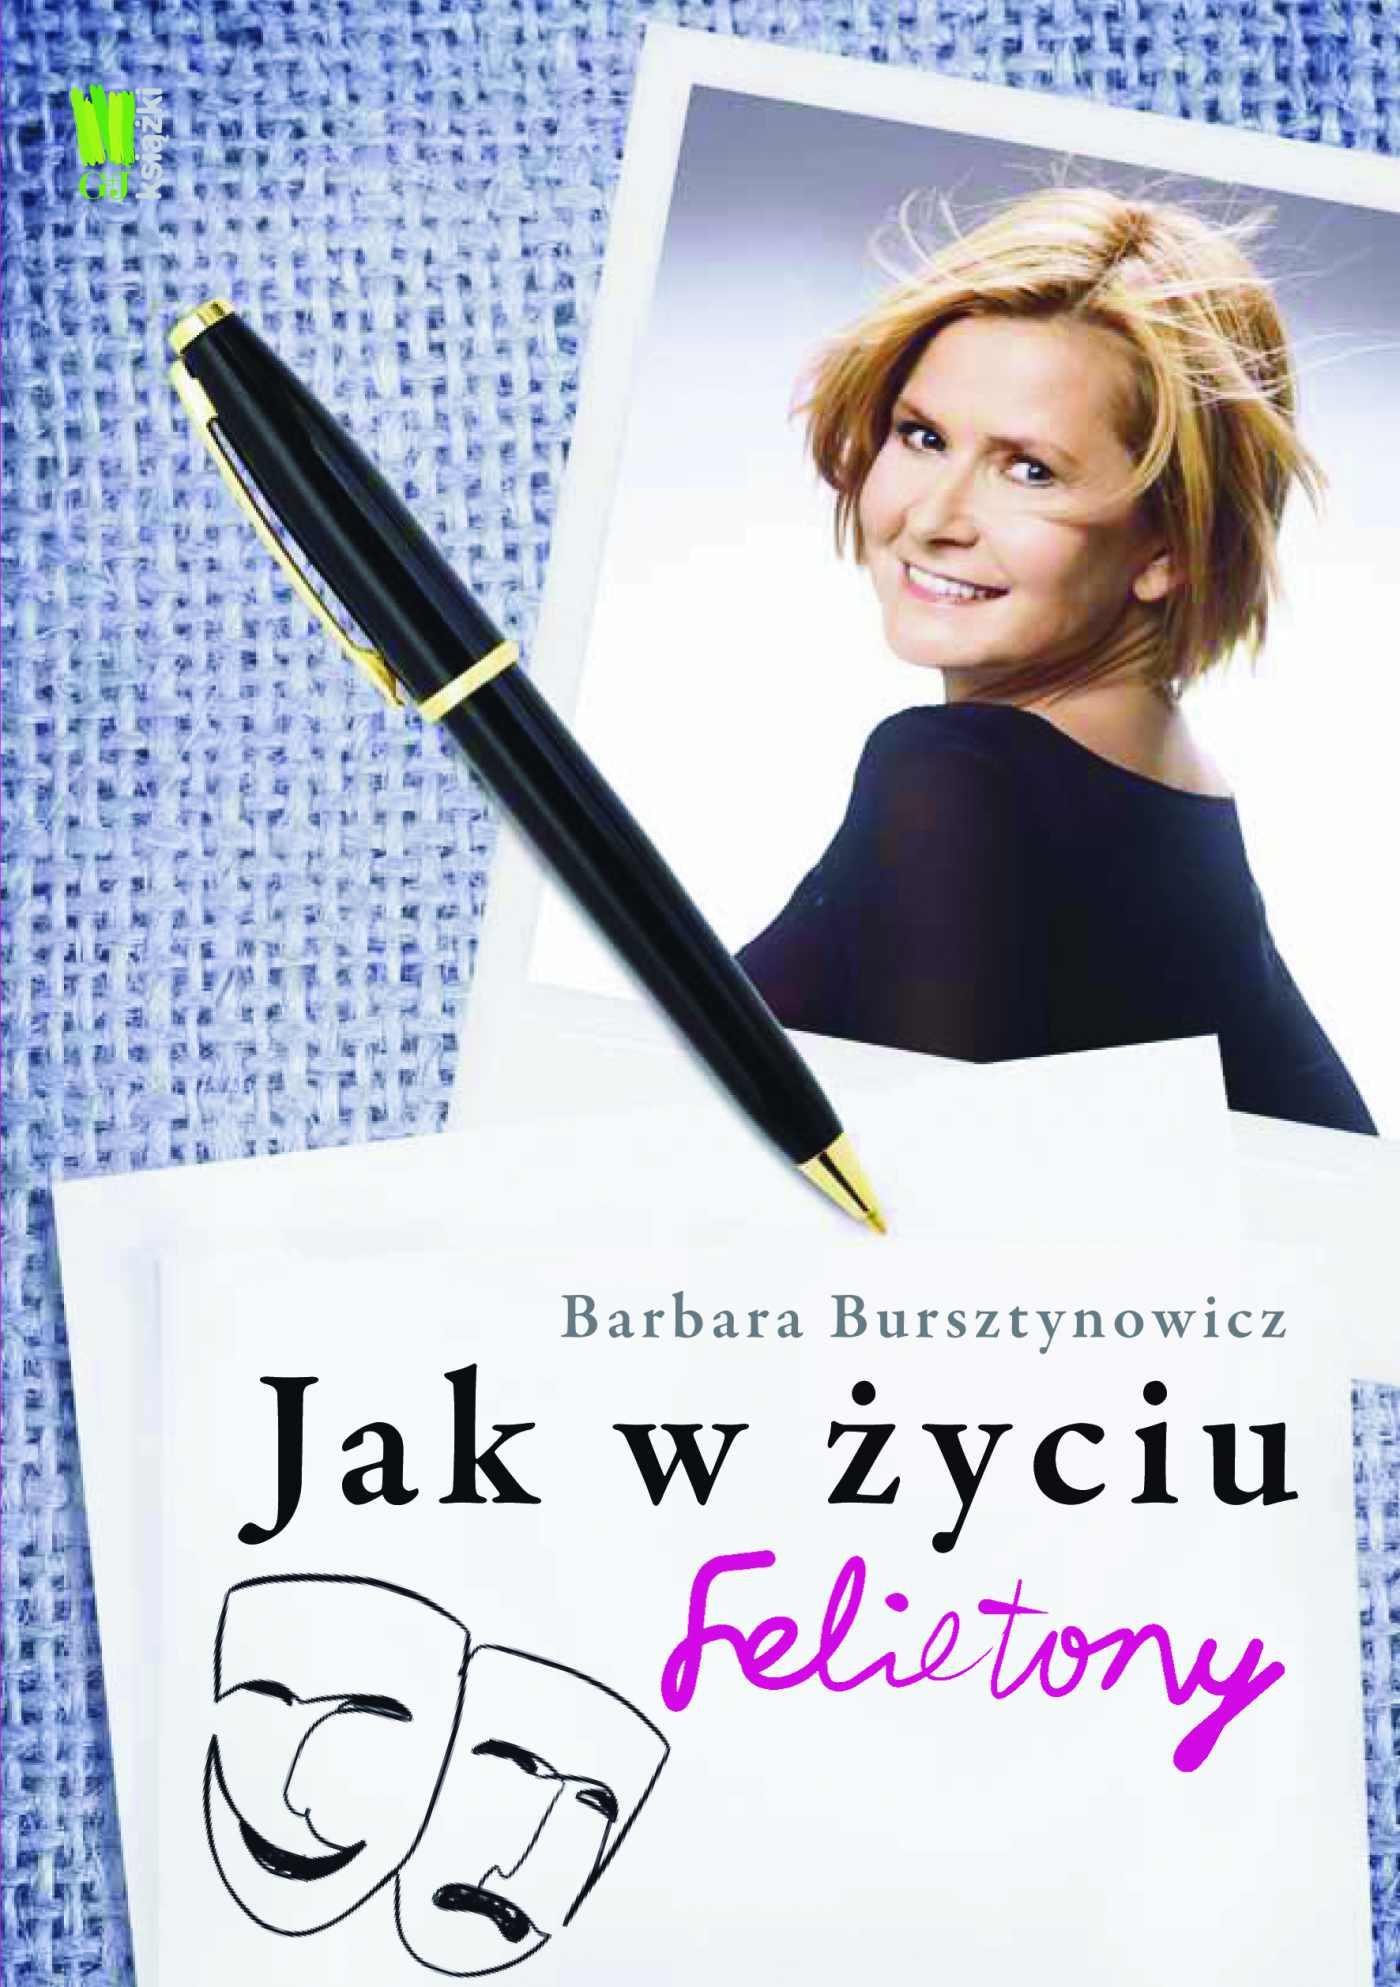 Jak w życiu. Felietony Barbary Bursztynowicz - Ebook (Książka EPUB) do pobrania w formacie EPUB